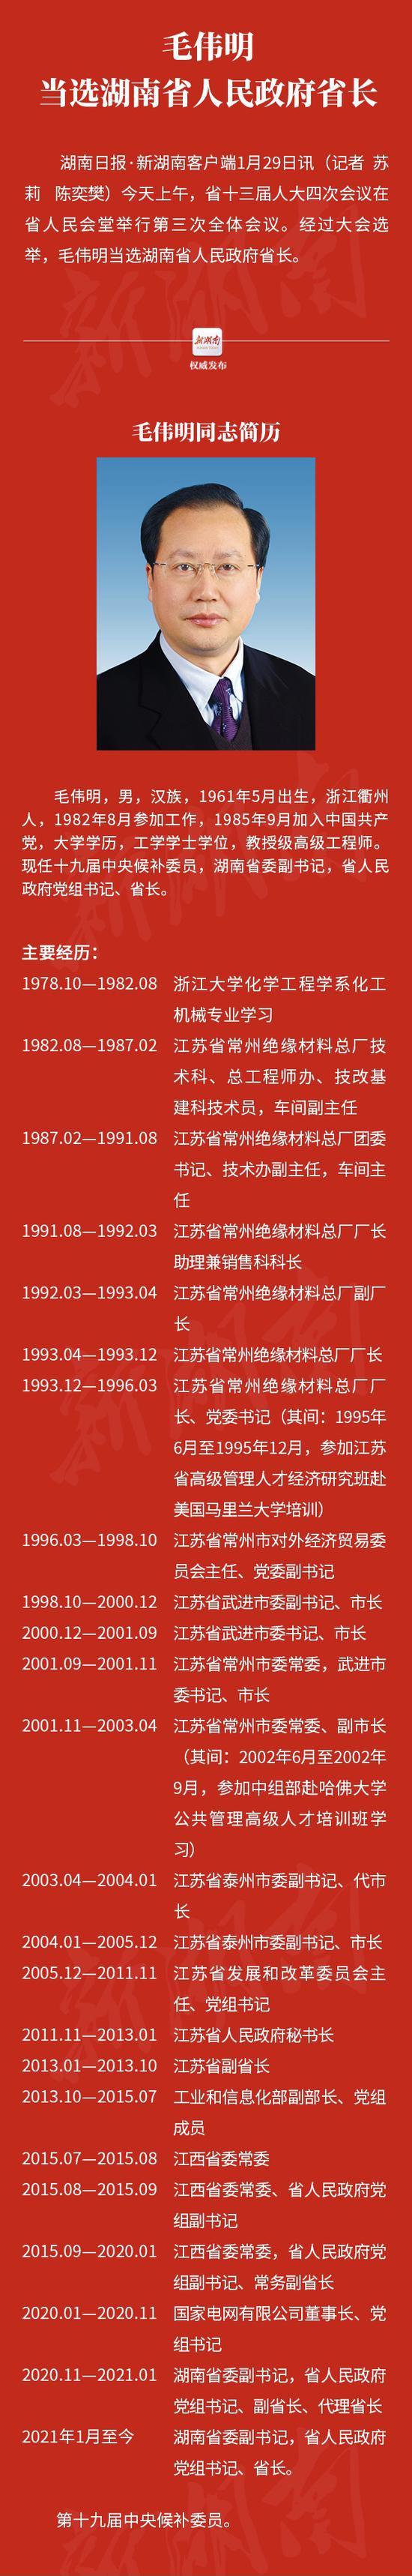 """毛伟明履新湖南省长!曾是国家电网最""""特殊""""一把手图片"""